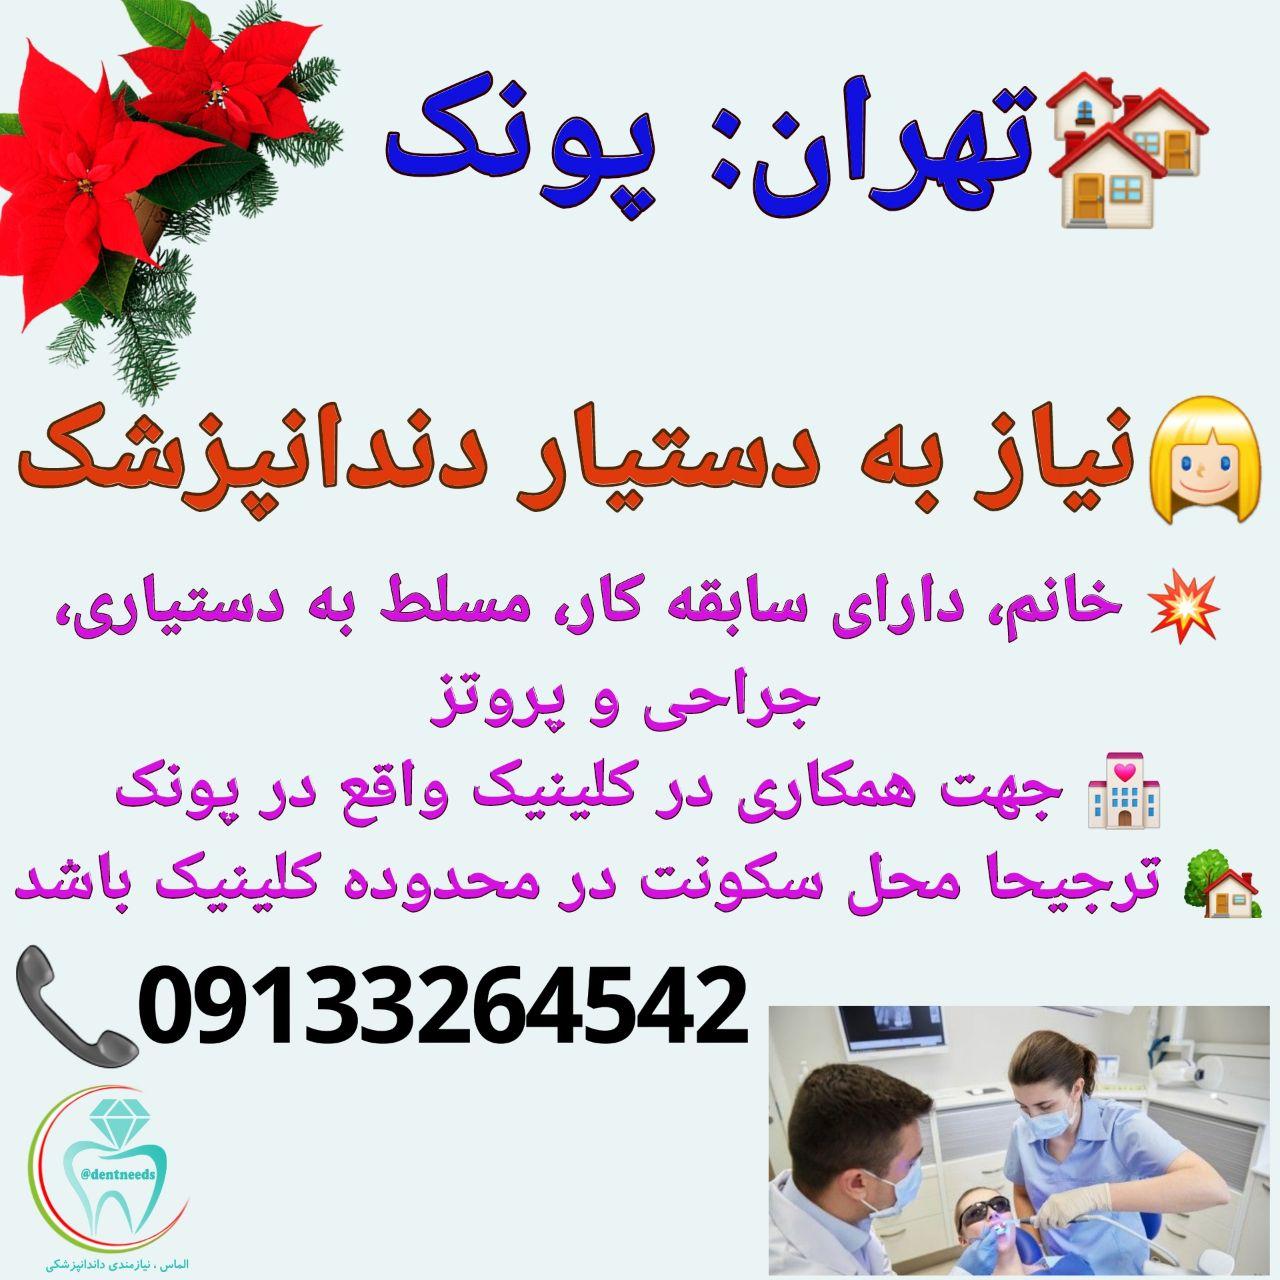 تهران: پونک، نیاز به دستیار دندانپزشک خانم